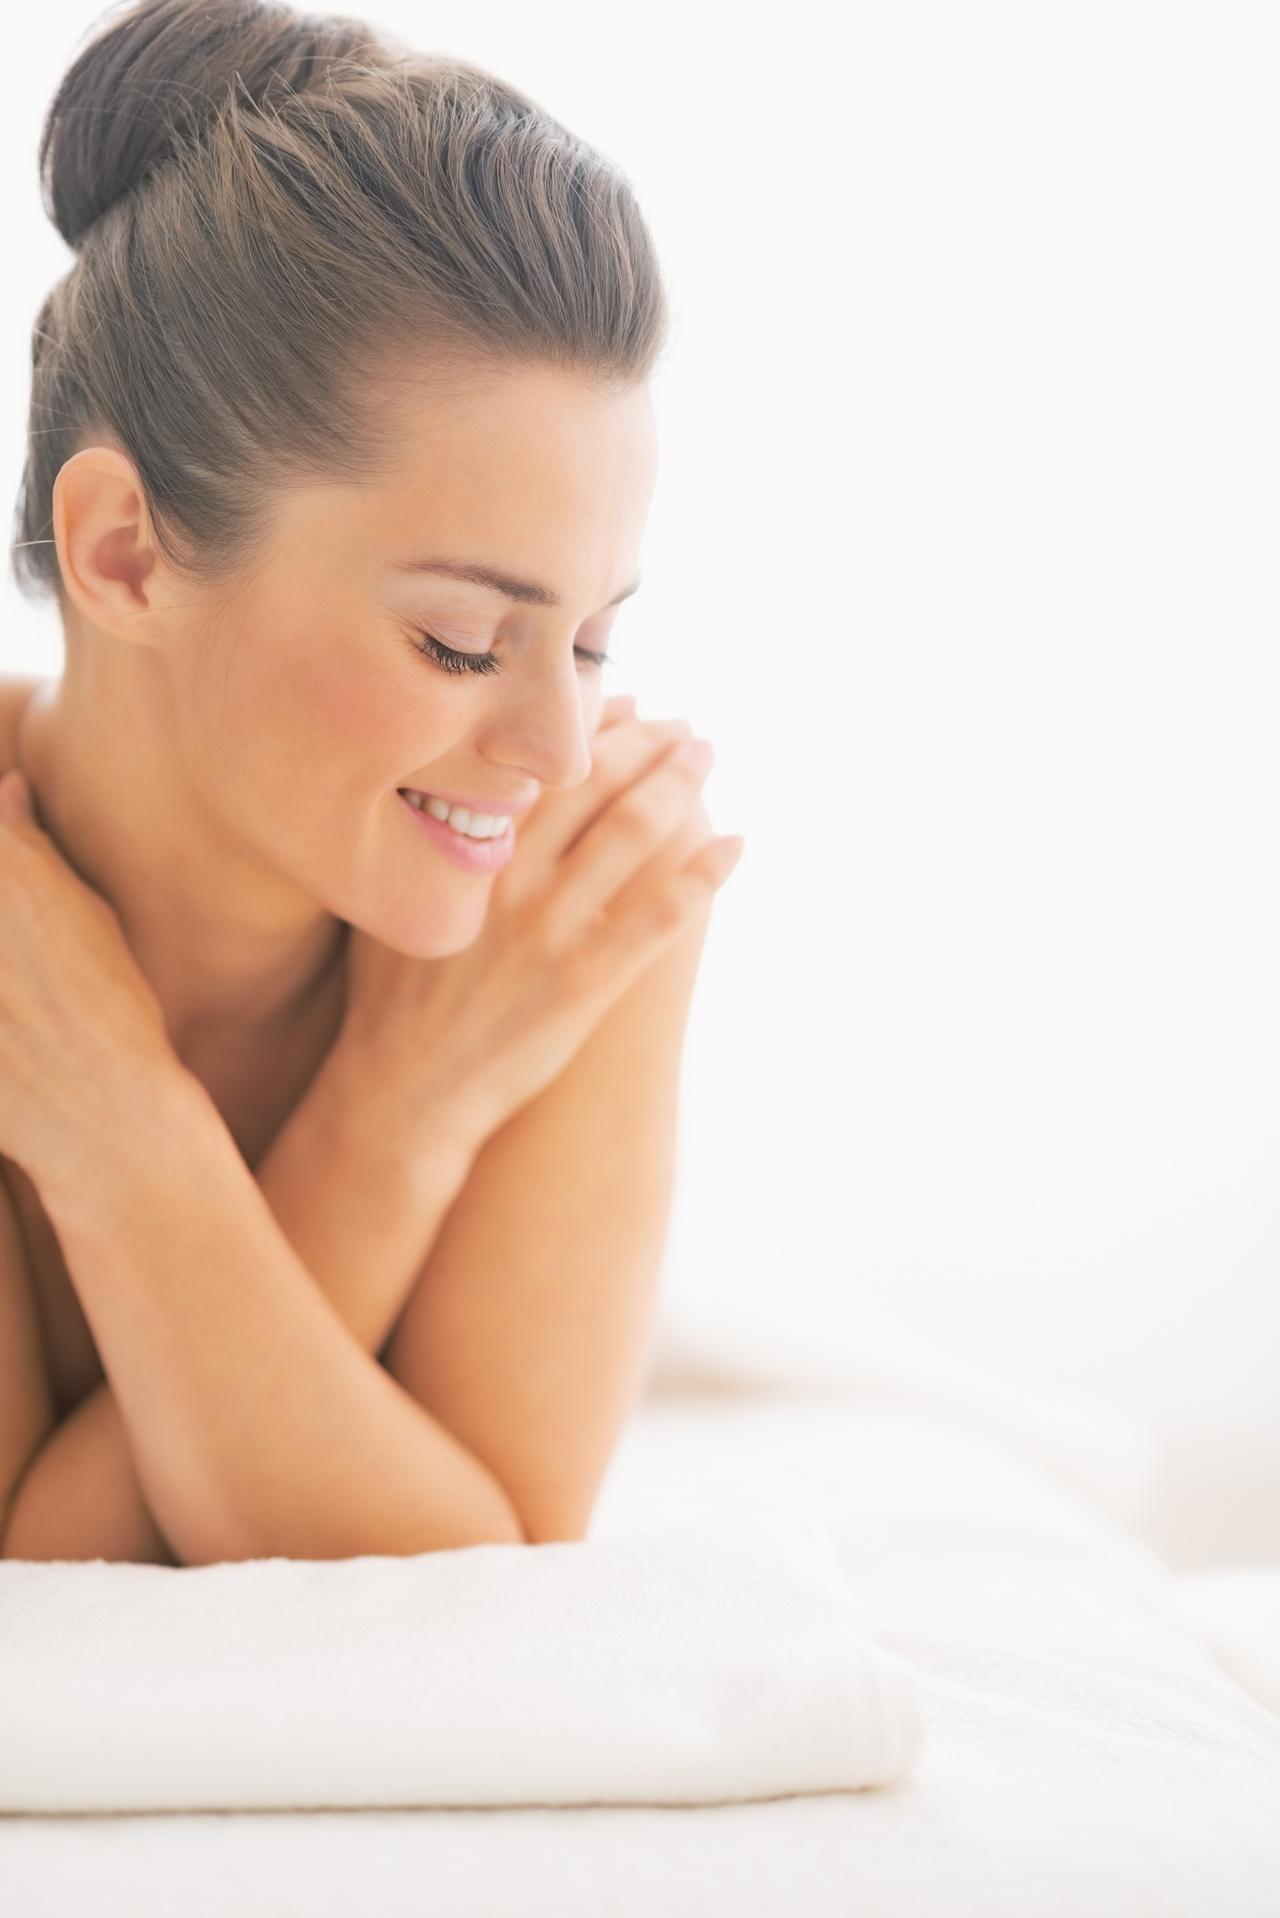 Jak dbać o suchą skórę? Genetyka, tryb życia i środowisko